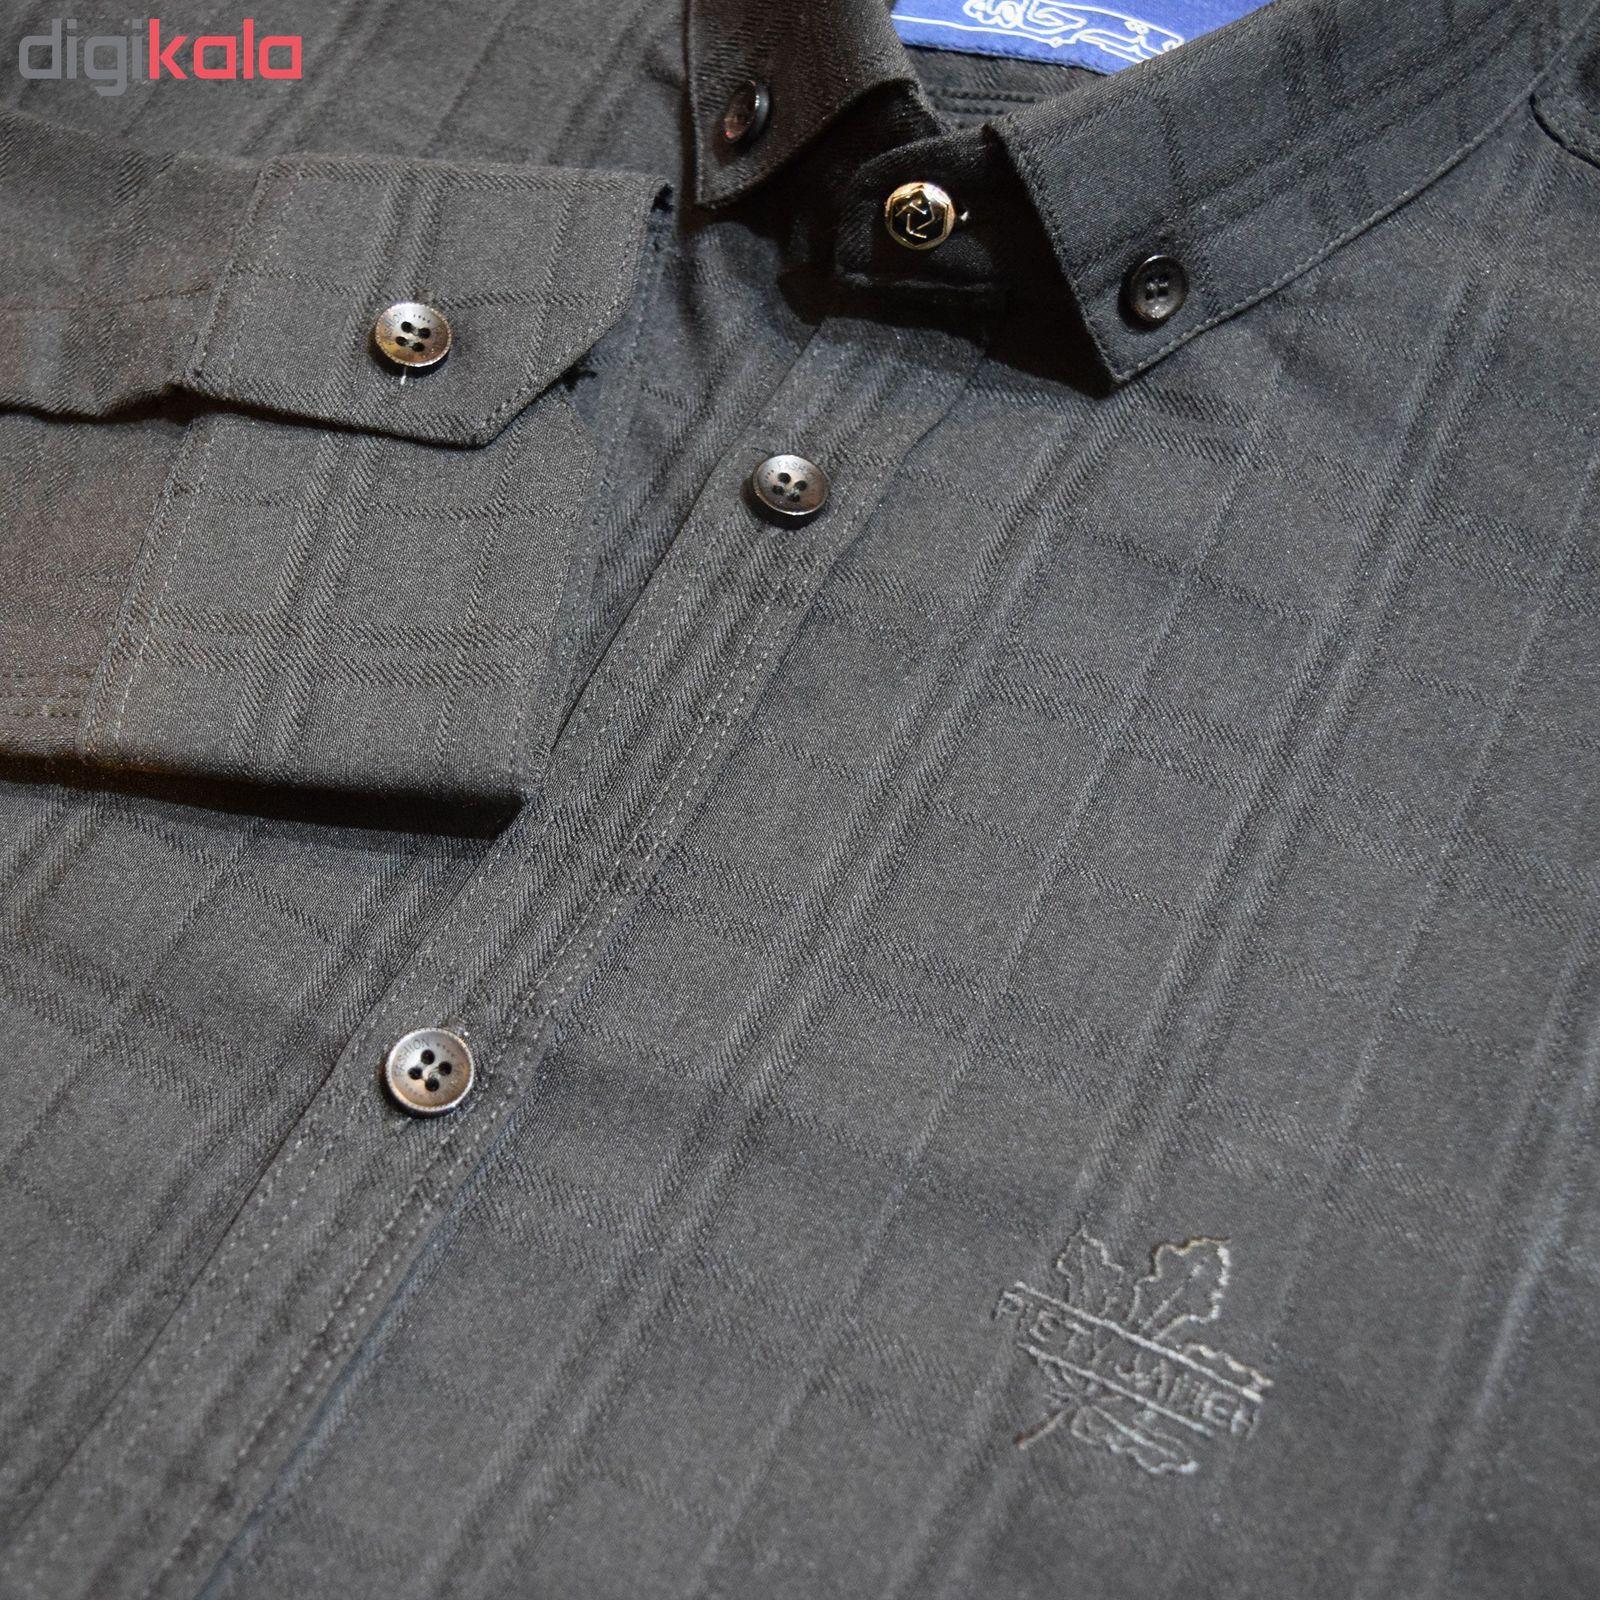 پیراهن مردانه پایتی جامه کد 1944403 main 1 5